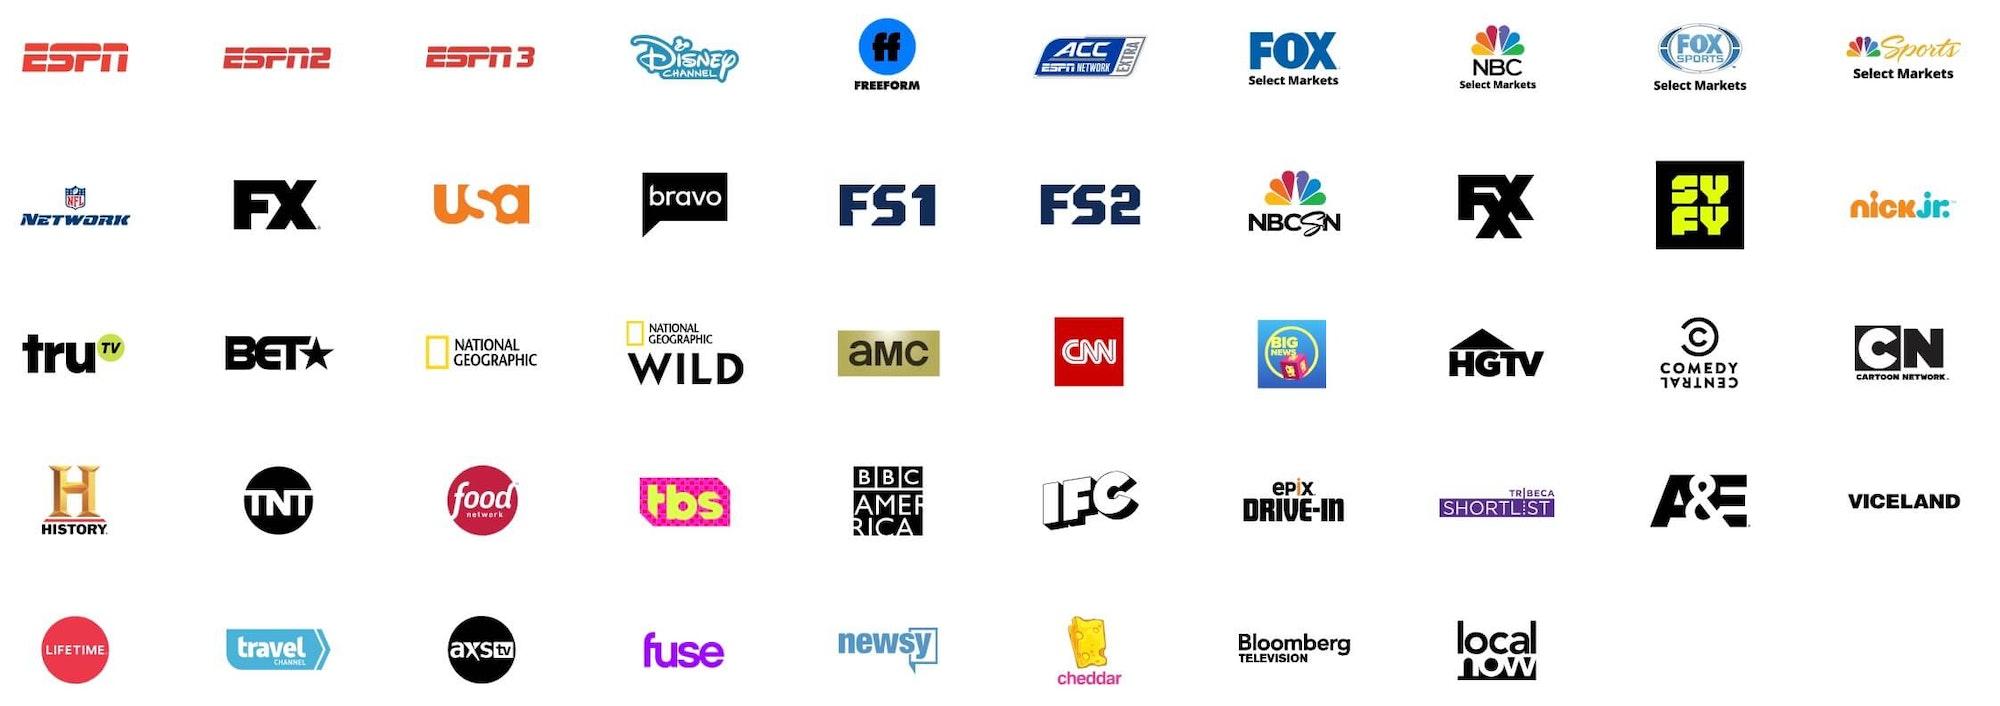 bills dolphins sling tv streaming cbs nfl